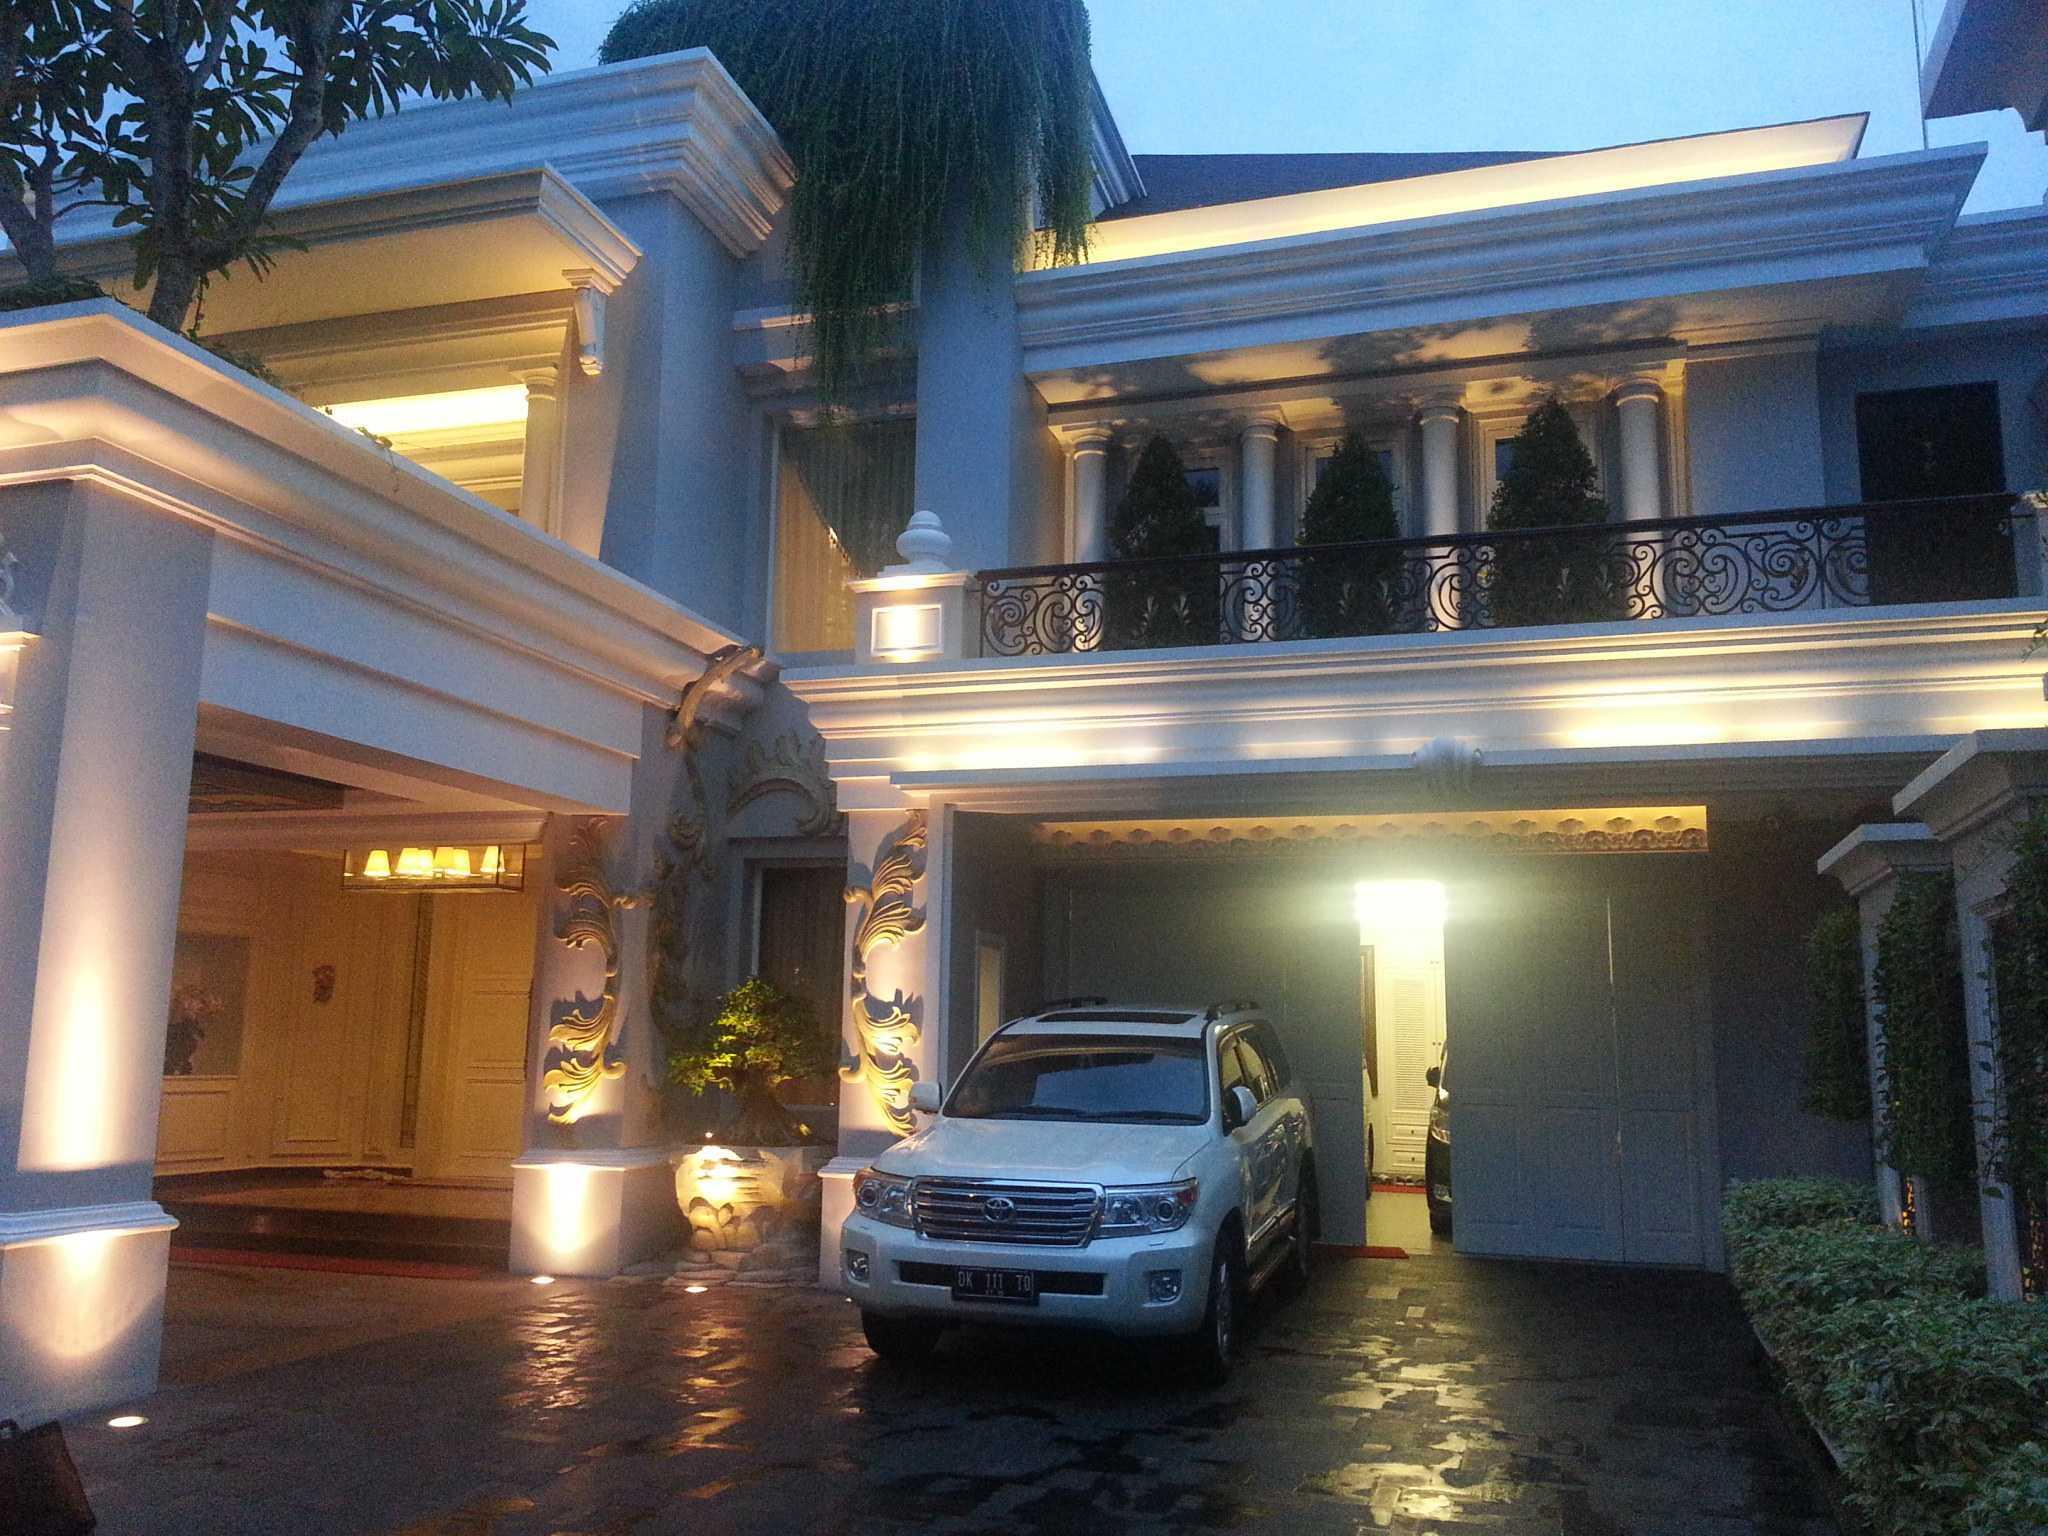 A N J A R S I T E K Classical House - Renon / Denpasar - Bali Renon, South Denpasar, Denpasar City, Bali, Indonesia Renon, South Denpasar, Denpasar City, Bali, Indonesia A-N-J-A-R-S-I-T-E-K-Classic-House-Renon-Bali  103449